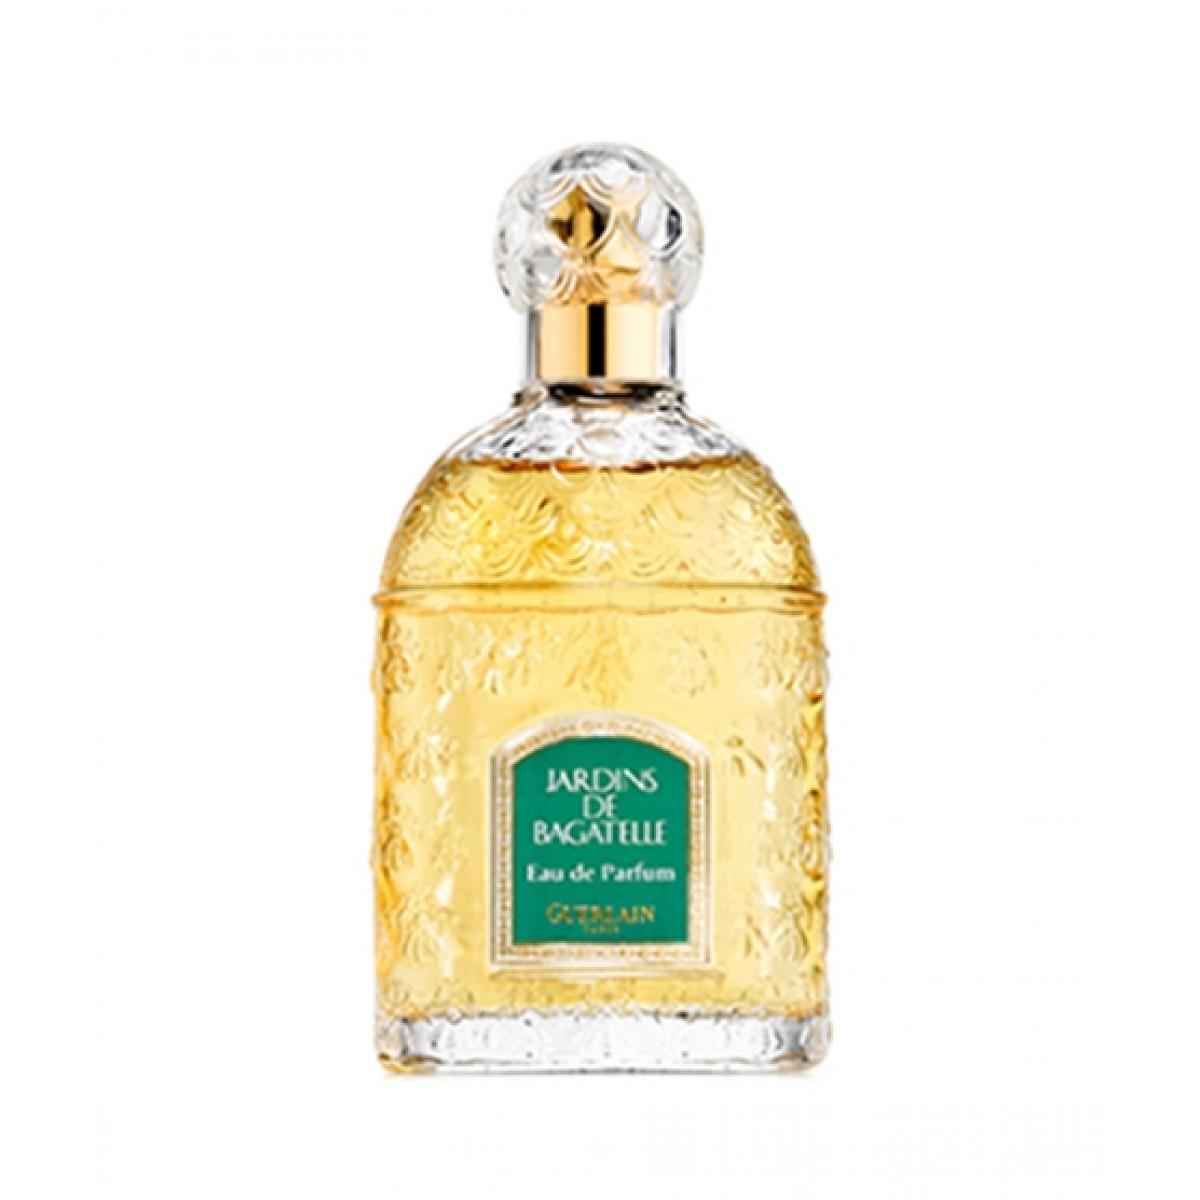 Guerlain Jardins De Bagatelle Edp Perfume For Women 100Ml intérieur Jardin De Bagatelle Guerlain